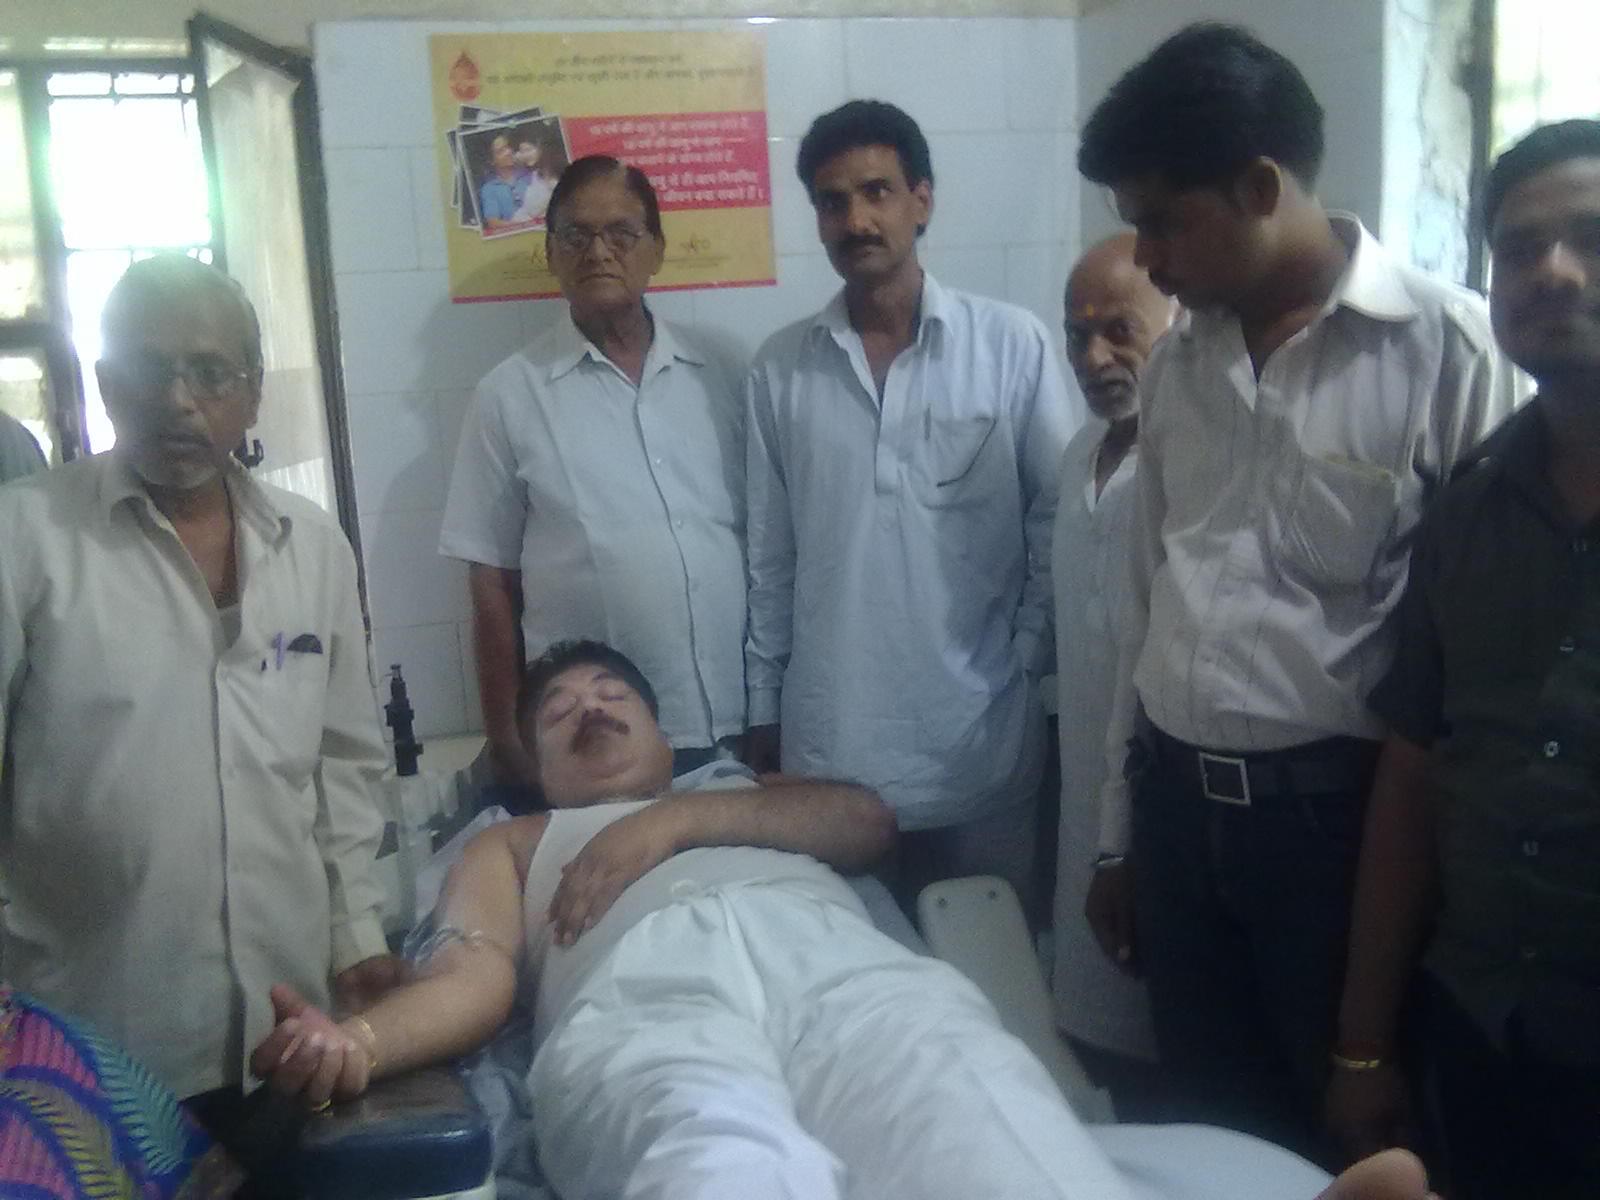 anil jain seema 2012 lalitpur bidhansabha seat ke congress prathyashi shri virendra singh bundela ko bhari bahumat se jitane ke liye boat mangte manniye shri pradeep jain